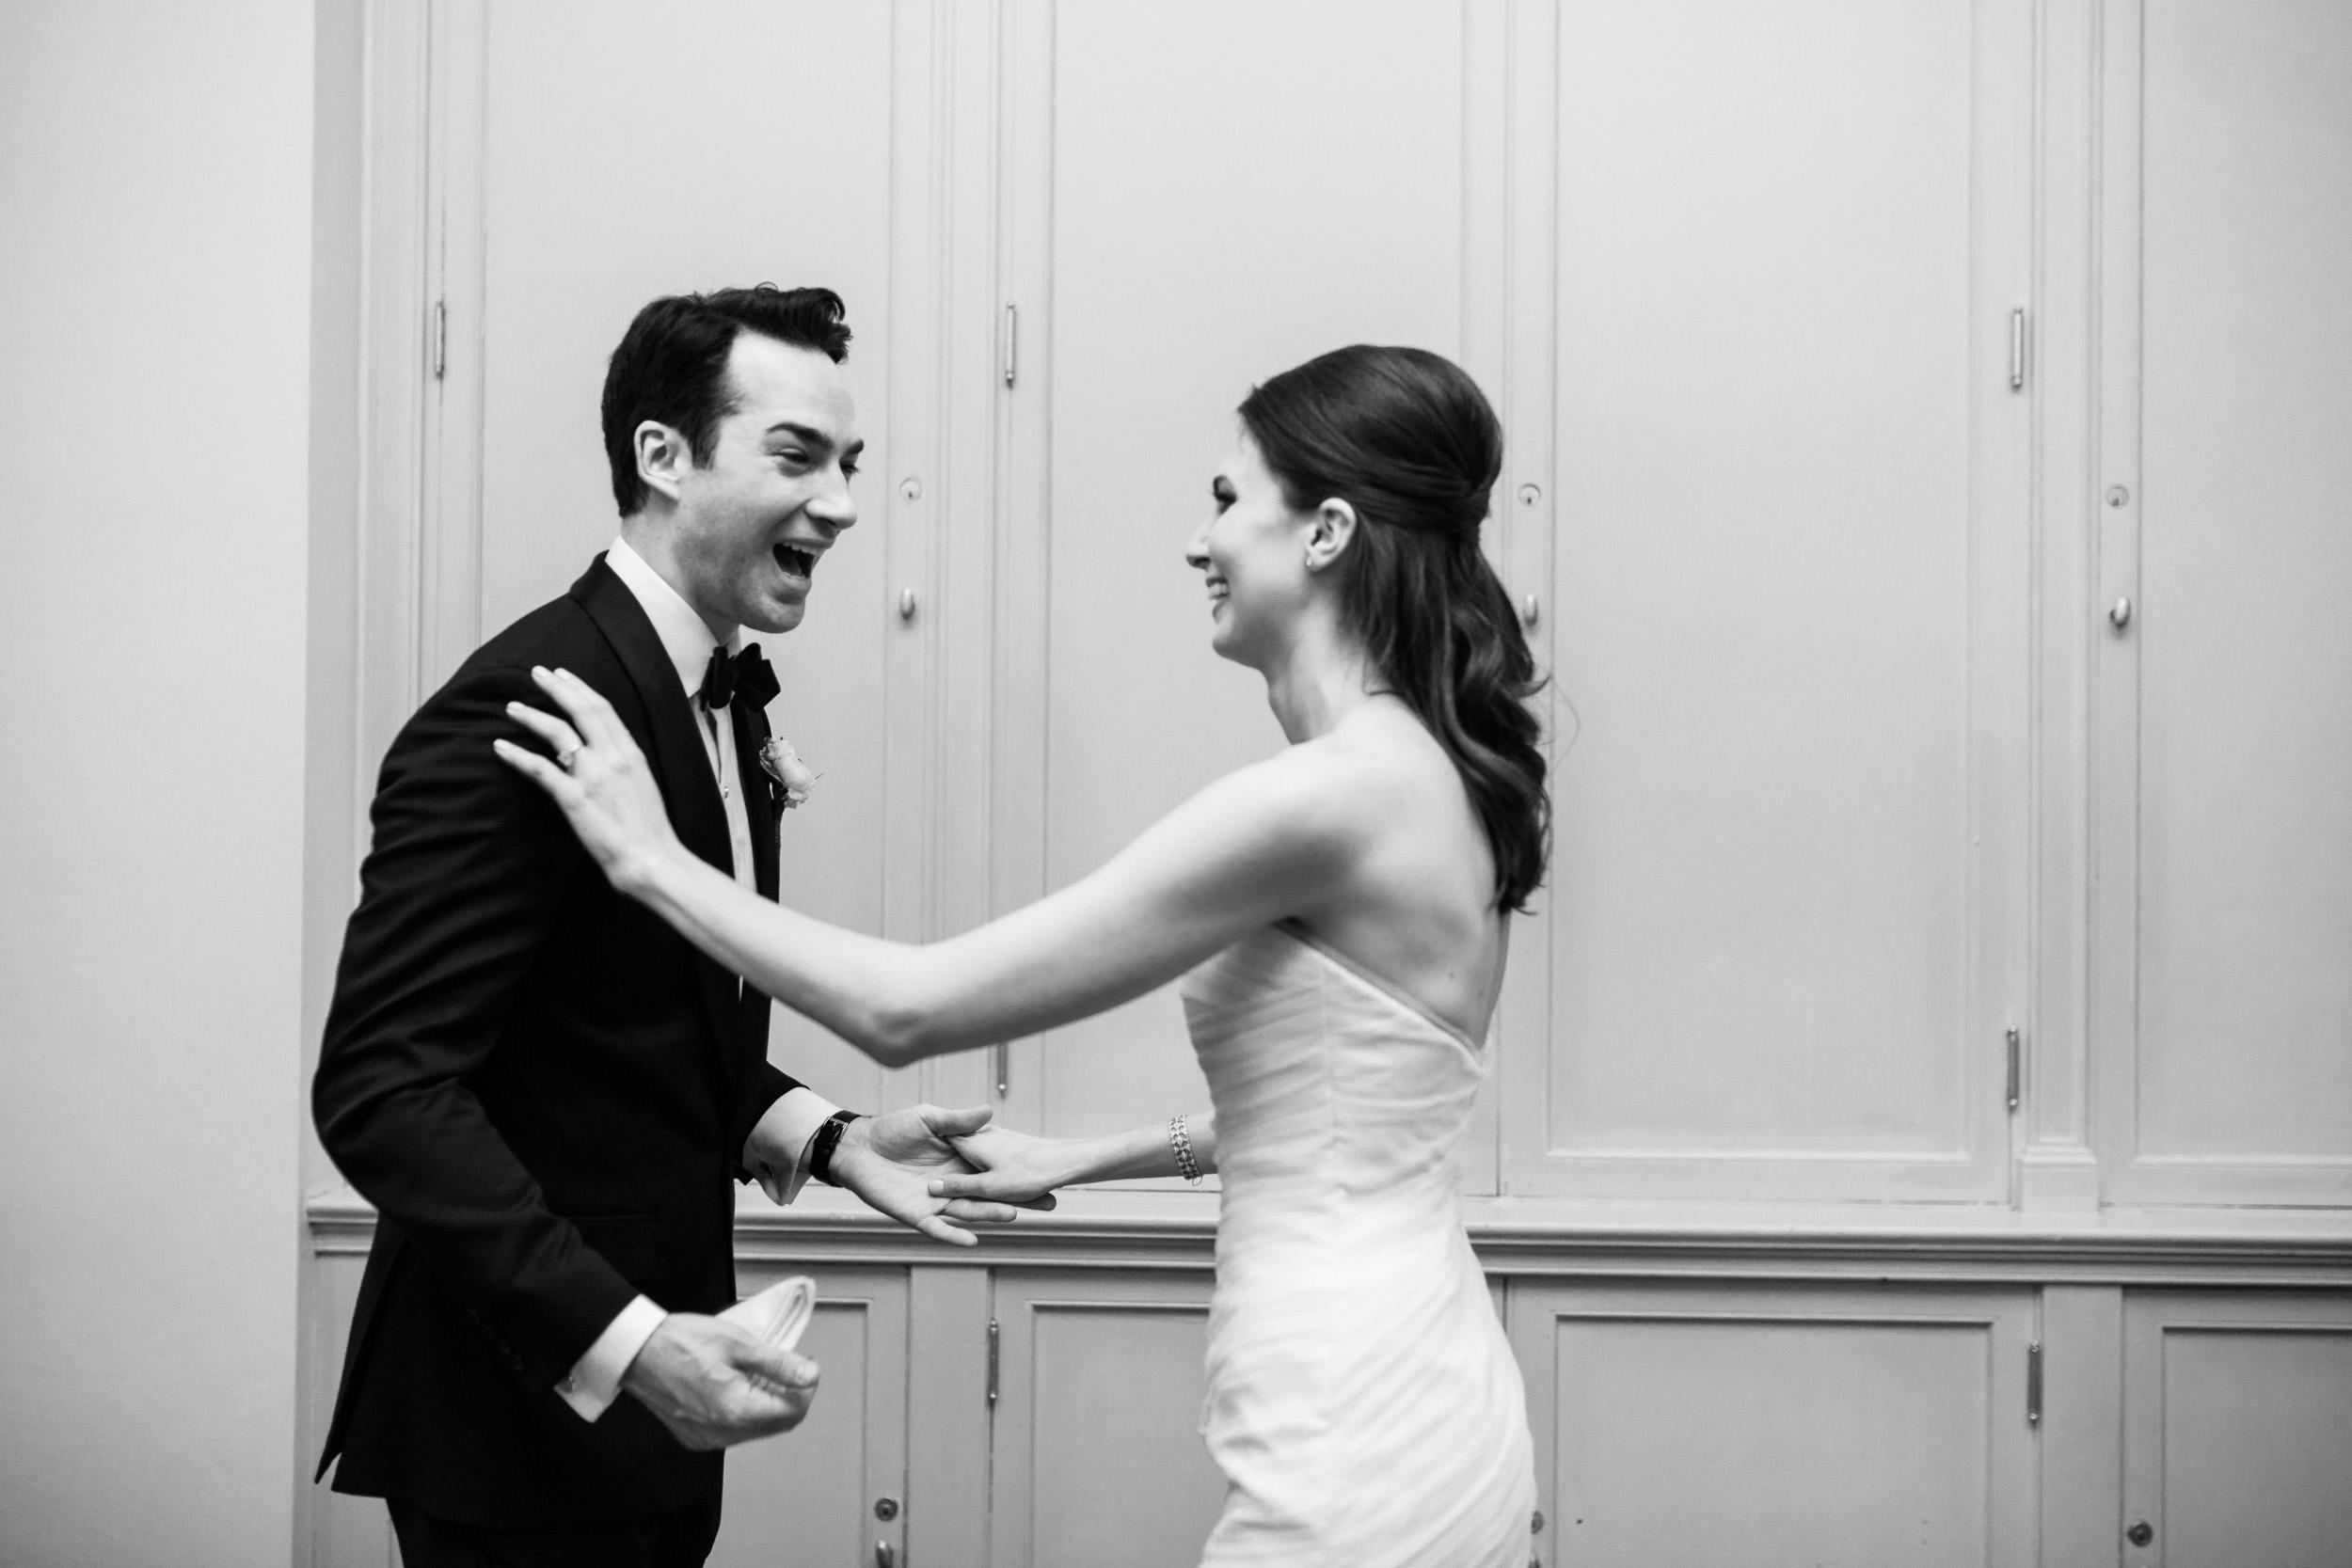 chicago-wedding-photos-studio-this-is-jack-schroeder-7.jpg